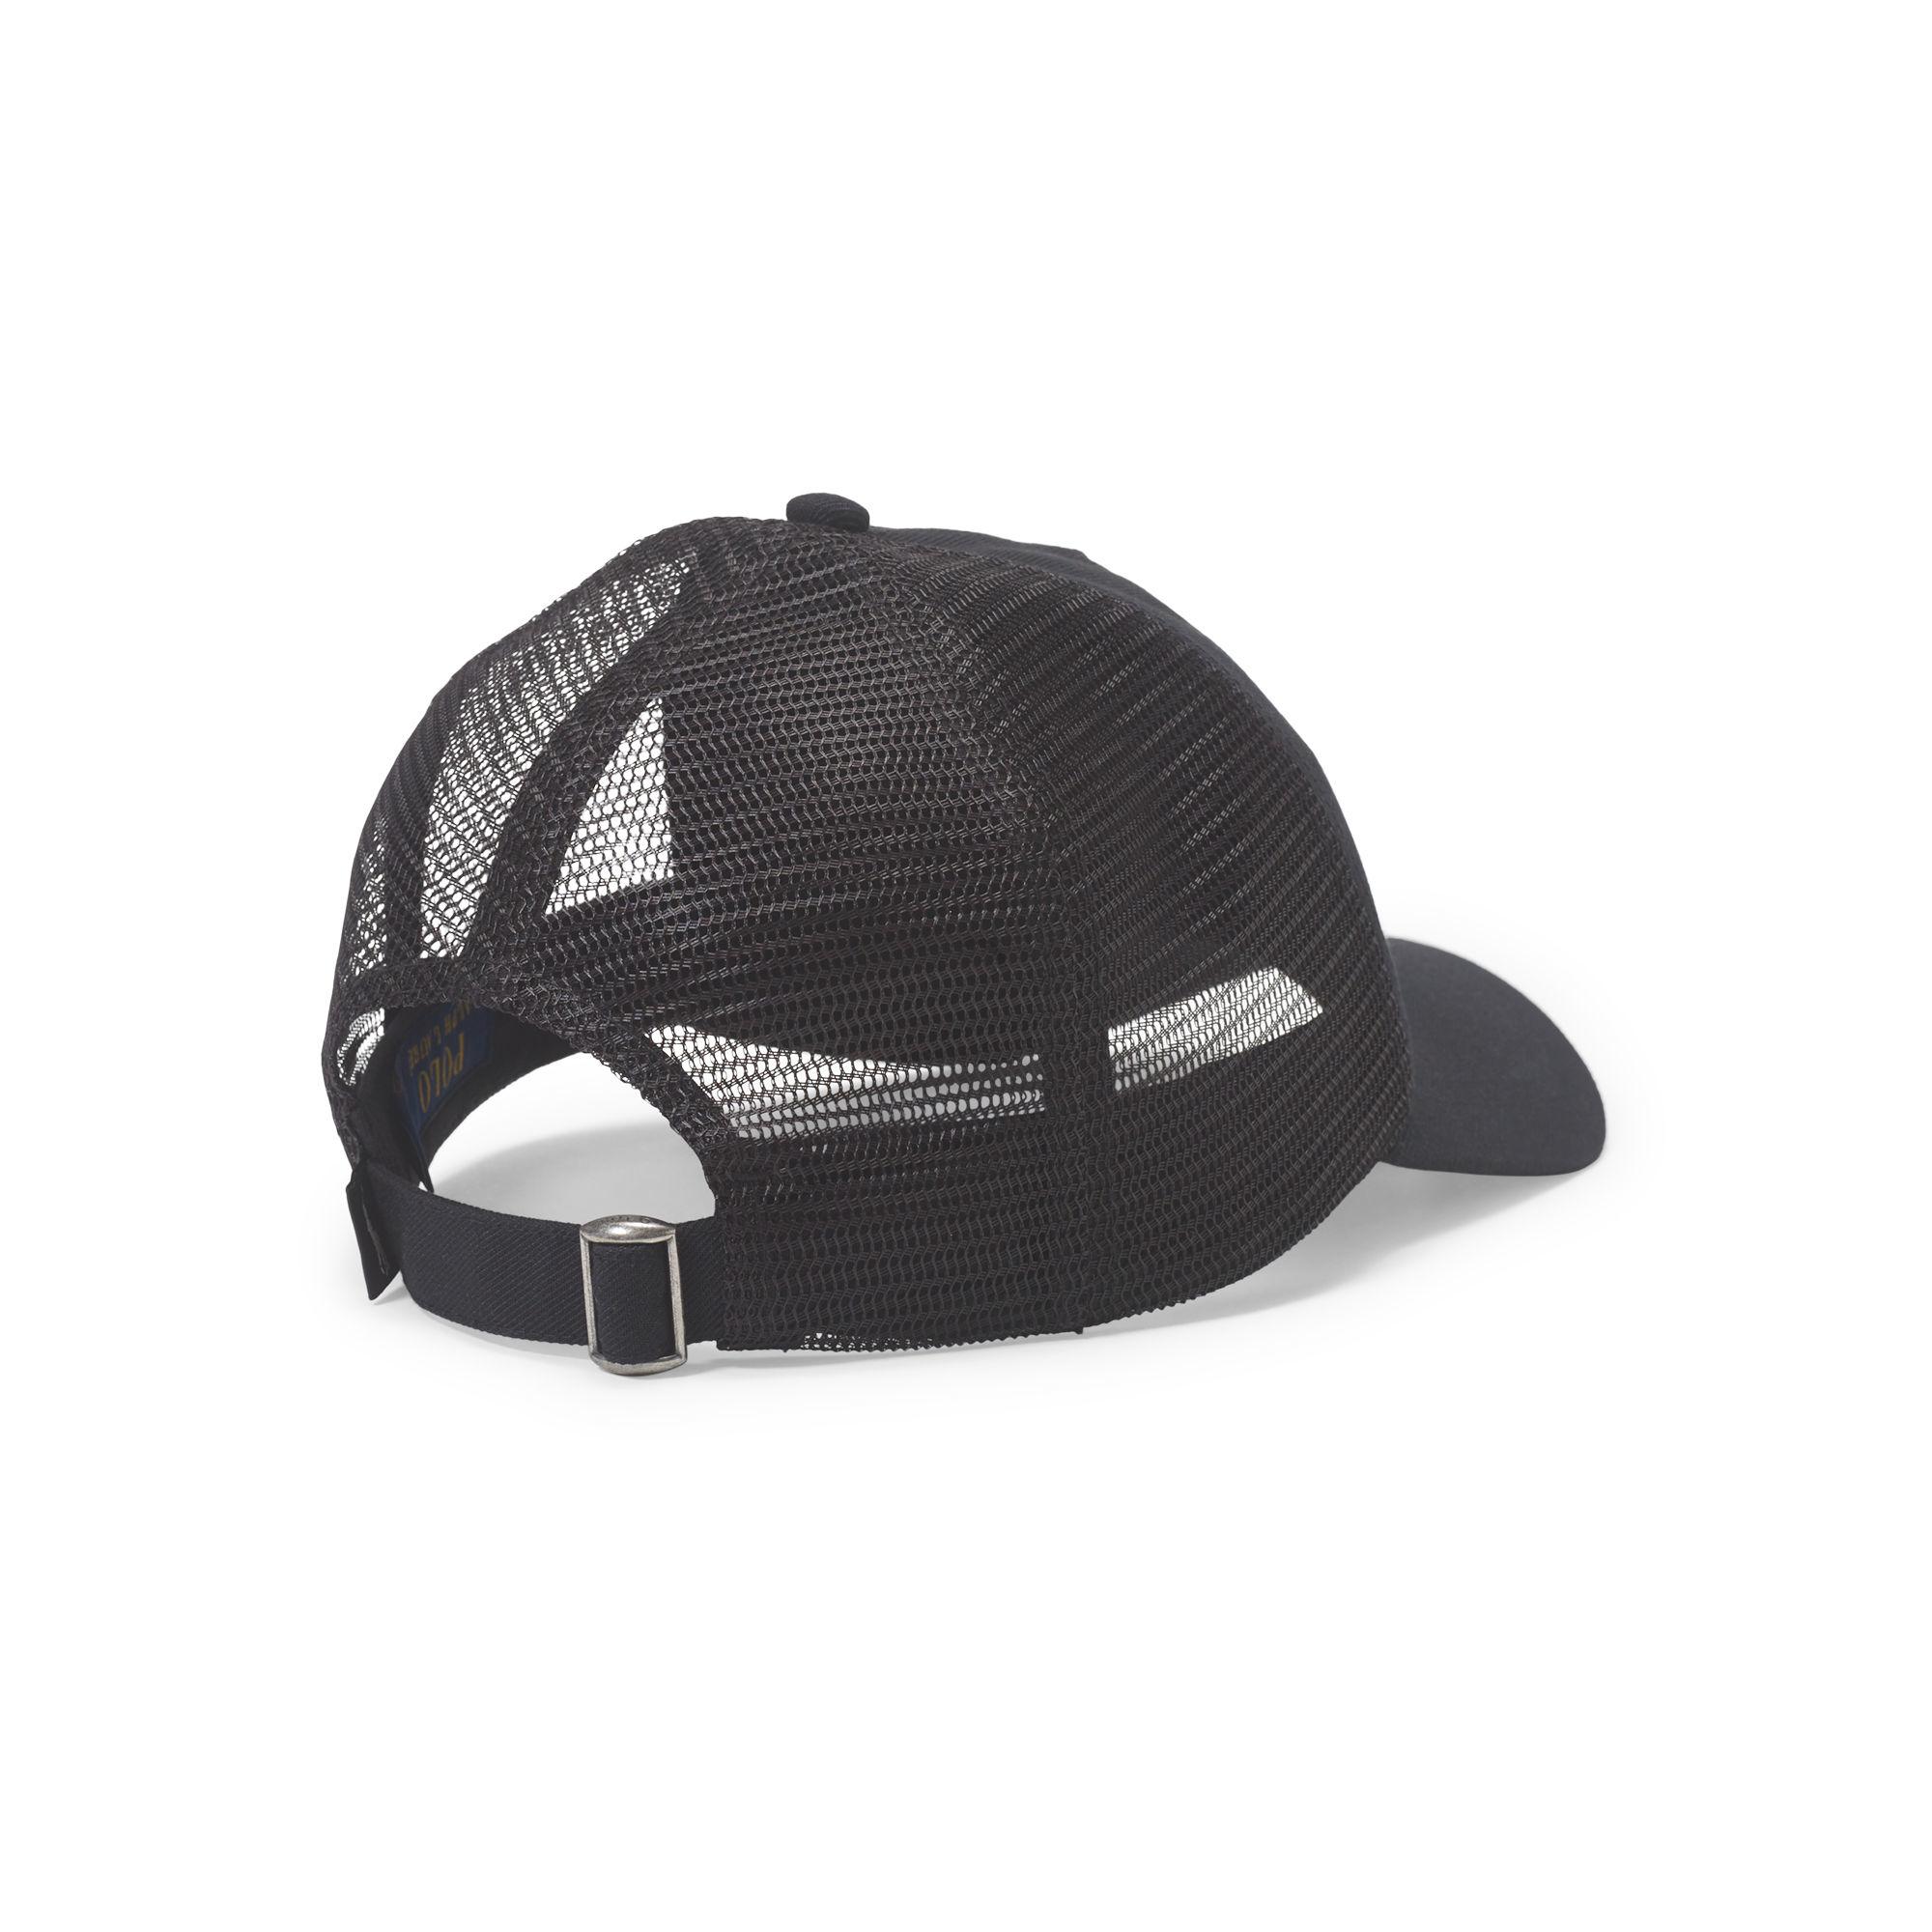 Polo Ralph Lauren Sporty Mesh Trucker Hat in Black for Men - Lyst ceb7cbe20e5